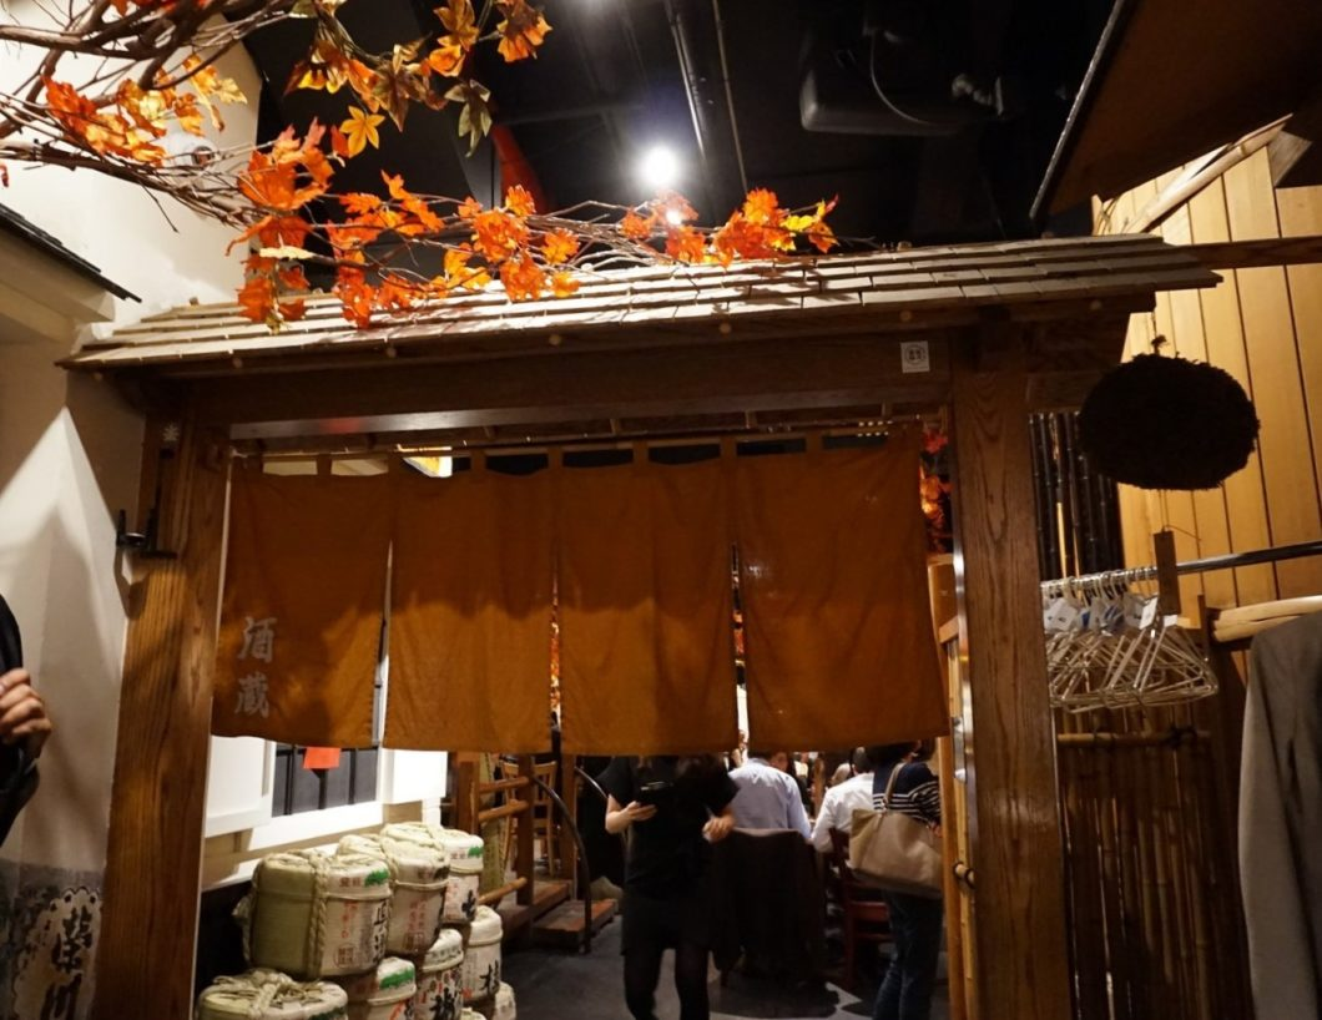 Restaurant Japonais Au V Ef Bf Bdsinet